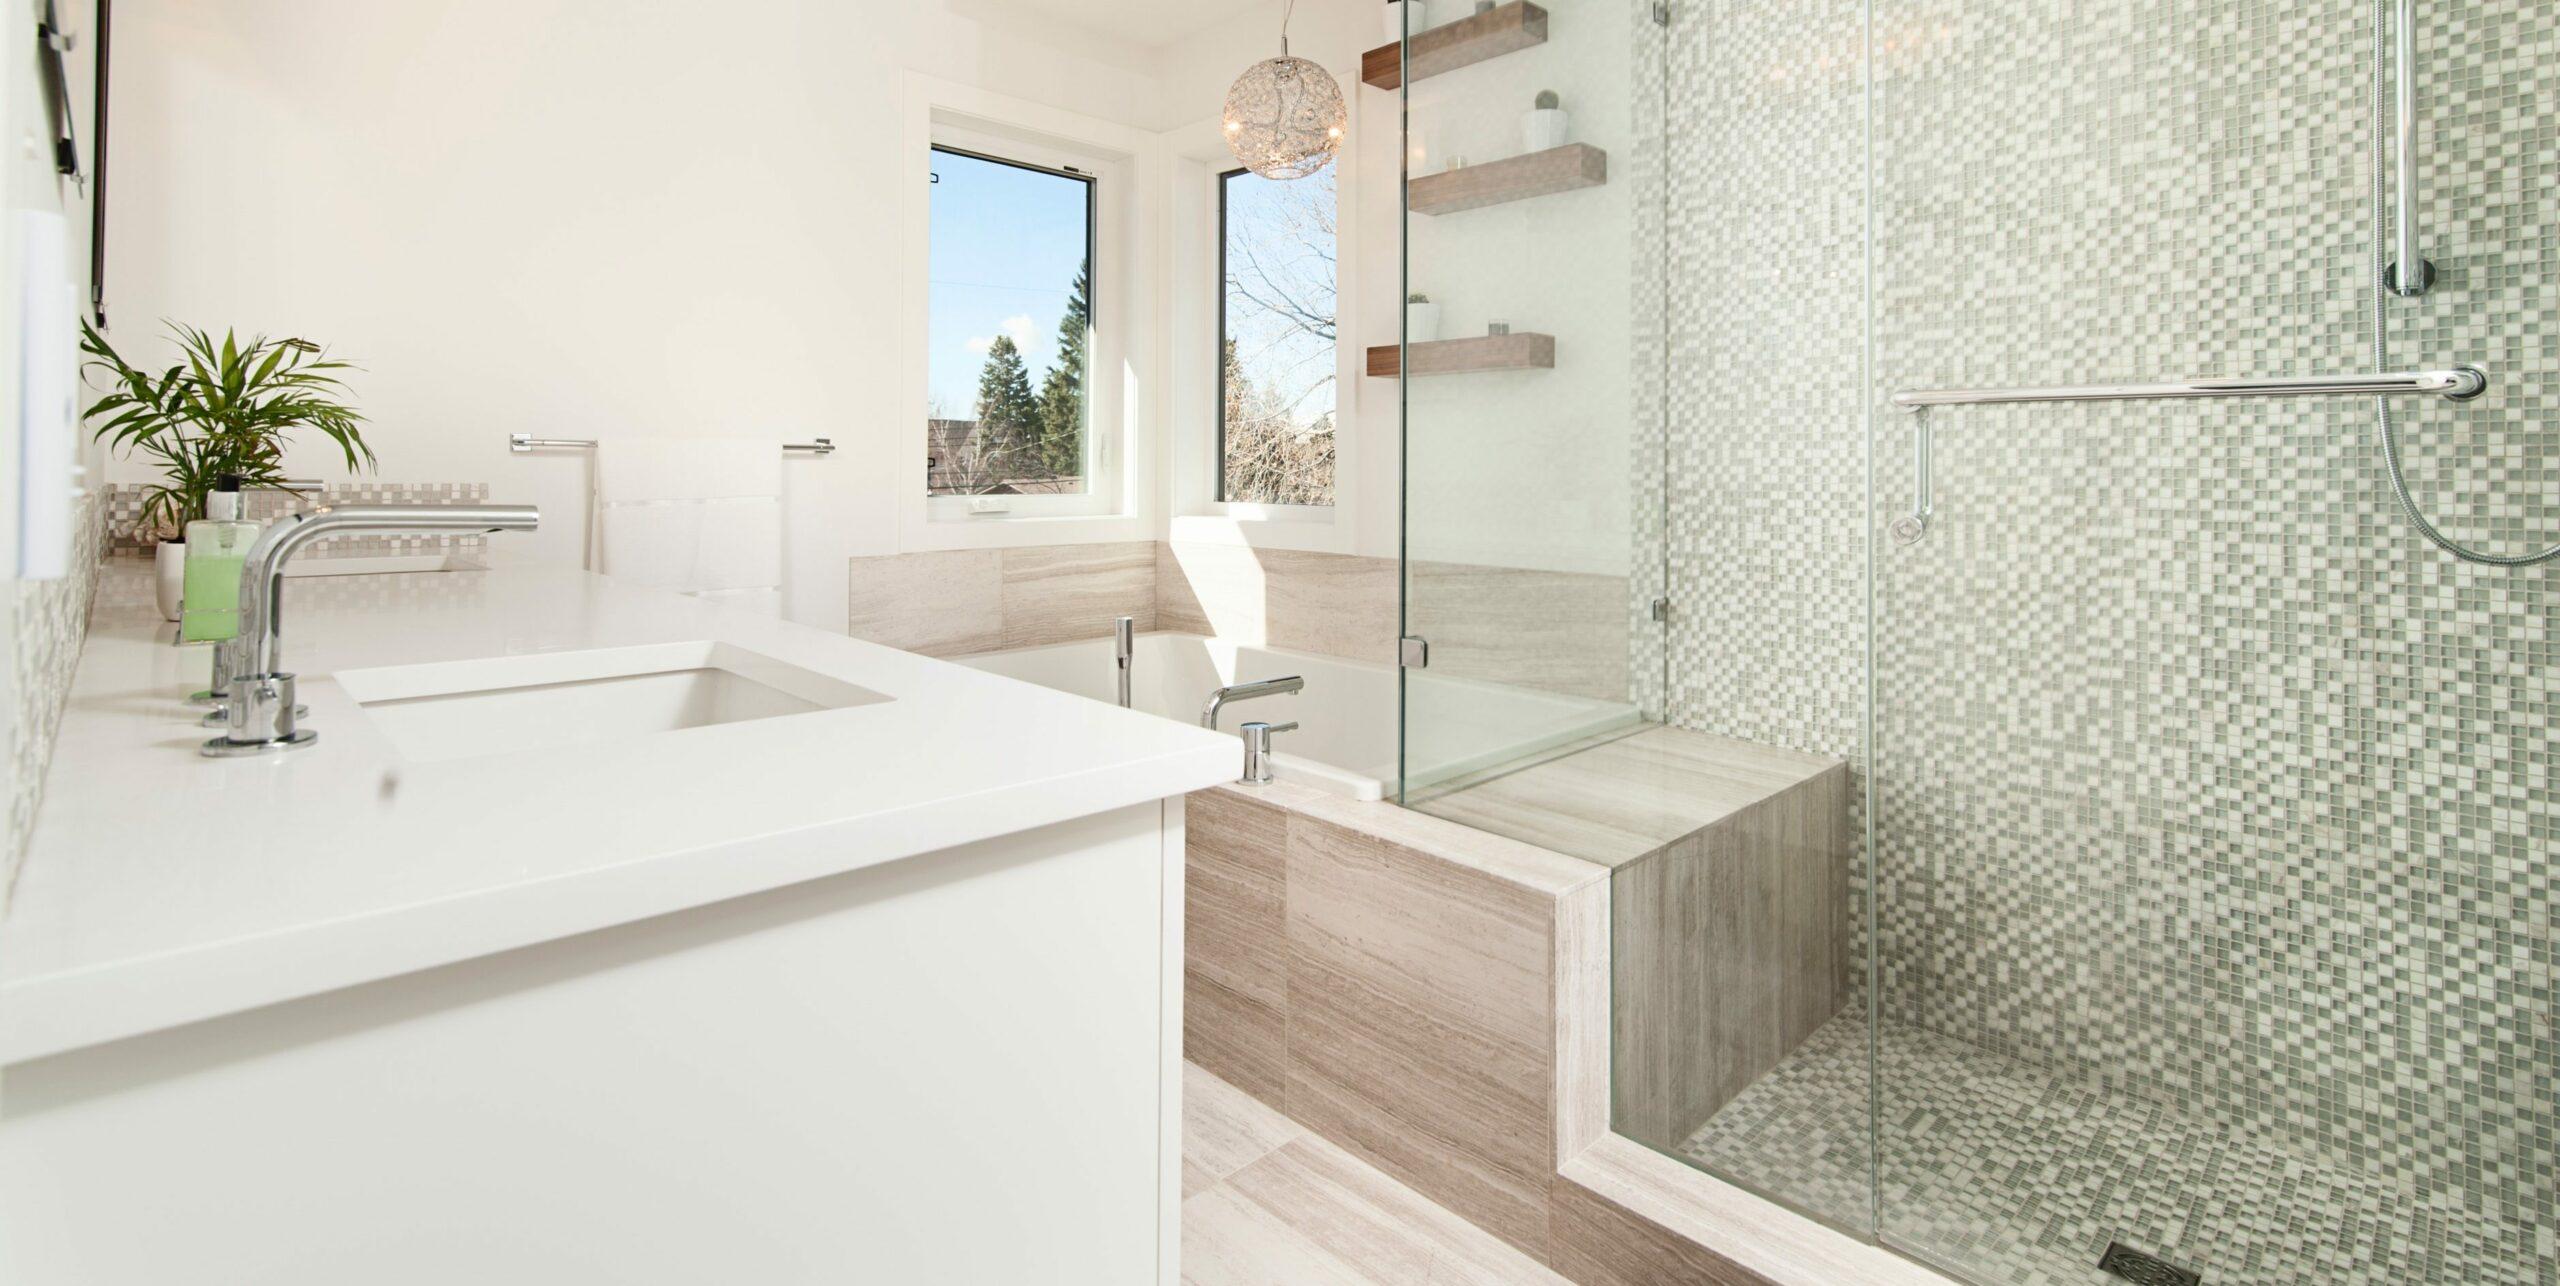 salle de bain avec carrelage et plantes et accents en bois